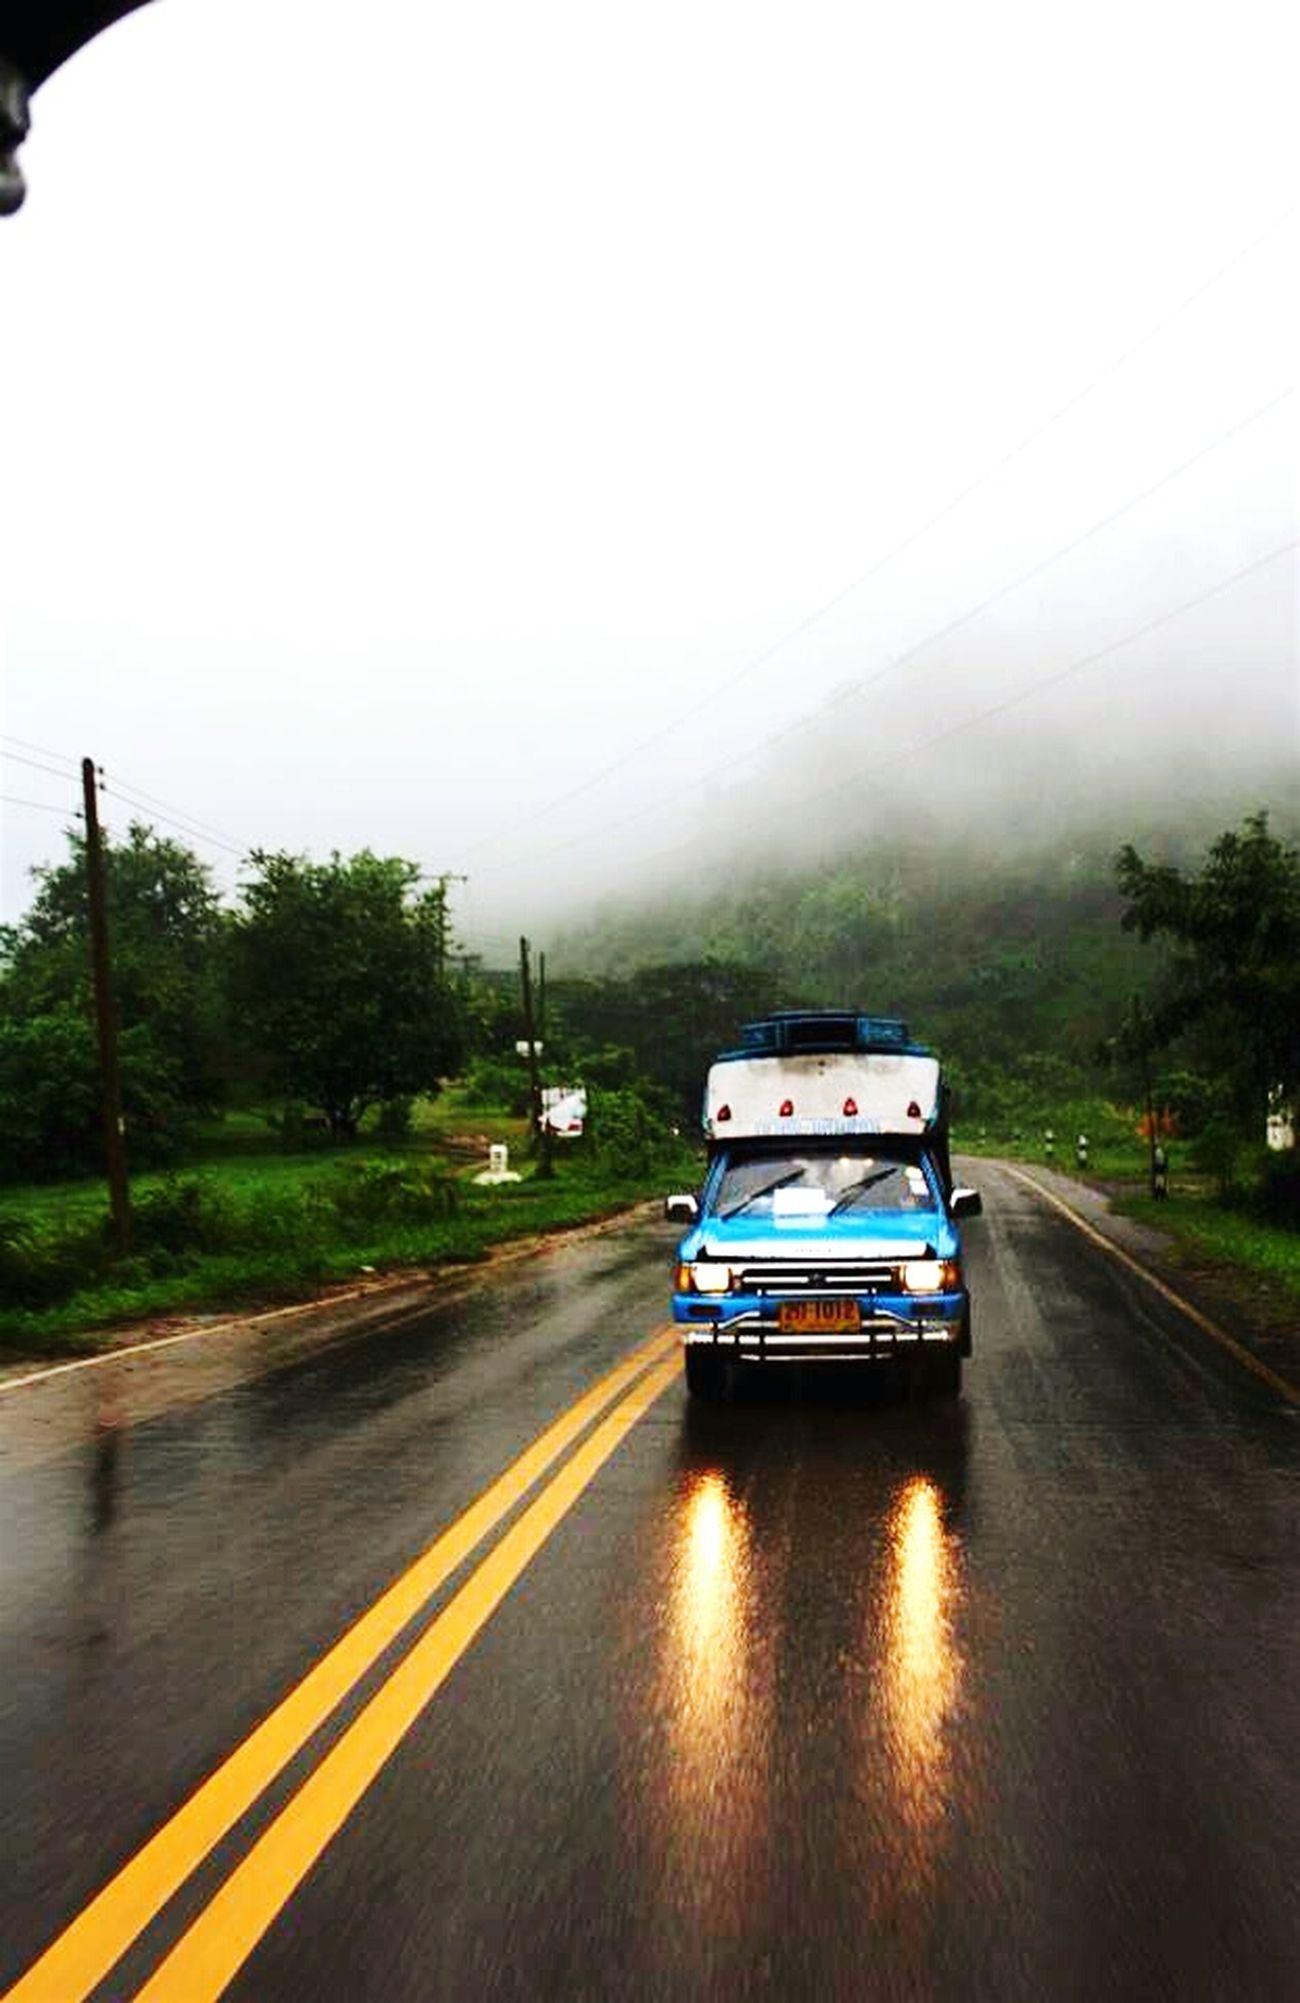 ชีวิตคือการเดินทาง